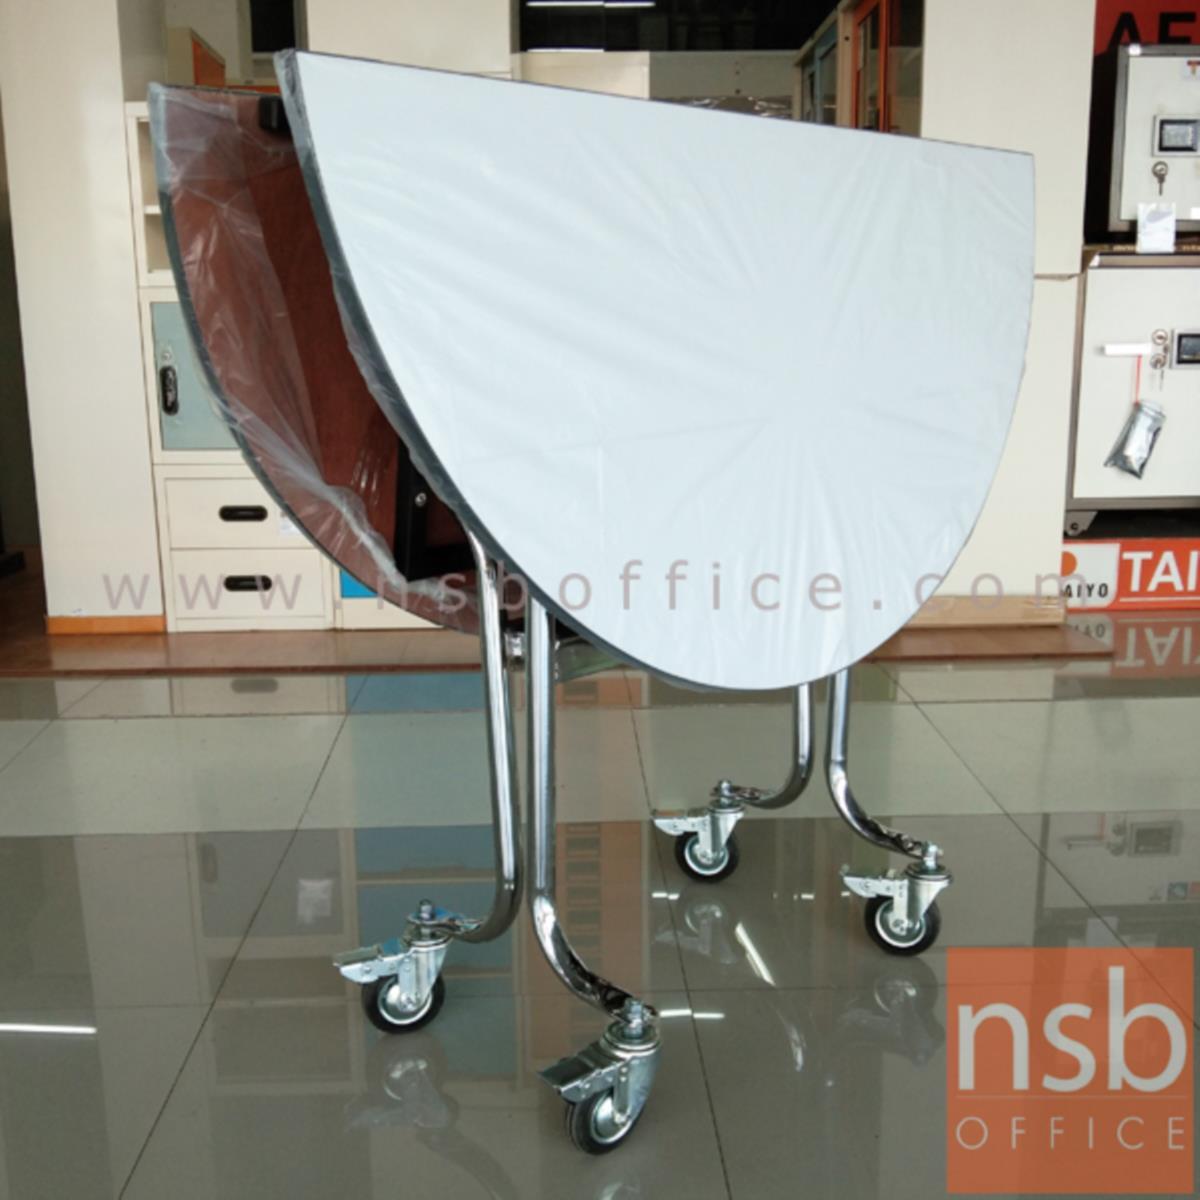 โต๊ะพับหน้าโฟเมก้าขาวล้อเลื่อน 25 มม. รุ่น Blakely (เบล็กลี่) ขนาด 4 ,5 ,6 ฟุต ขอบอลูมิเนียม ขาเหล็กชุบโครเมี่ยม